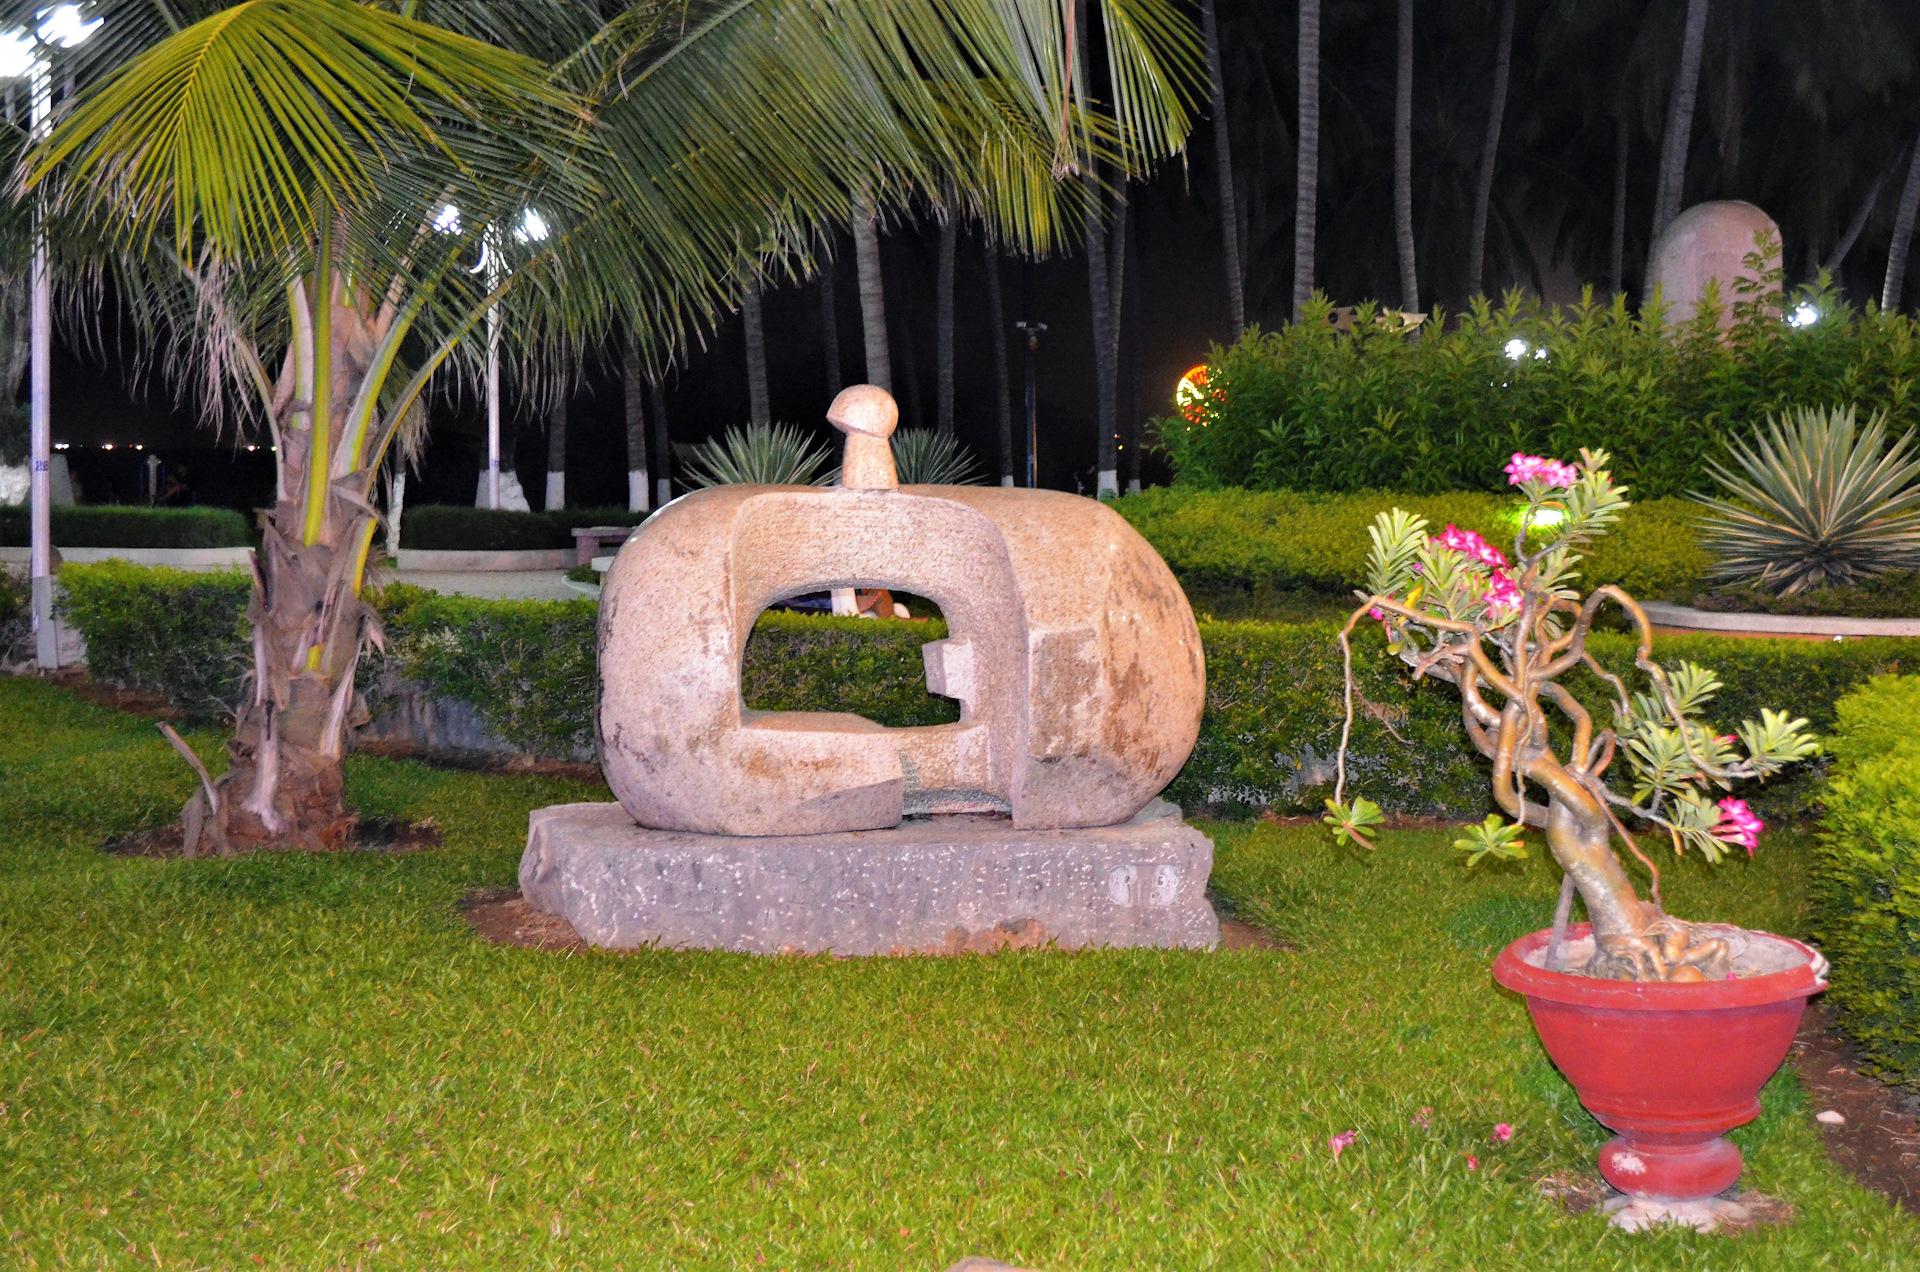 остаётся парк горького во вьетнаме фото колотило только холода